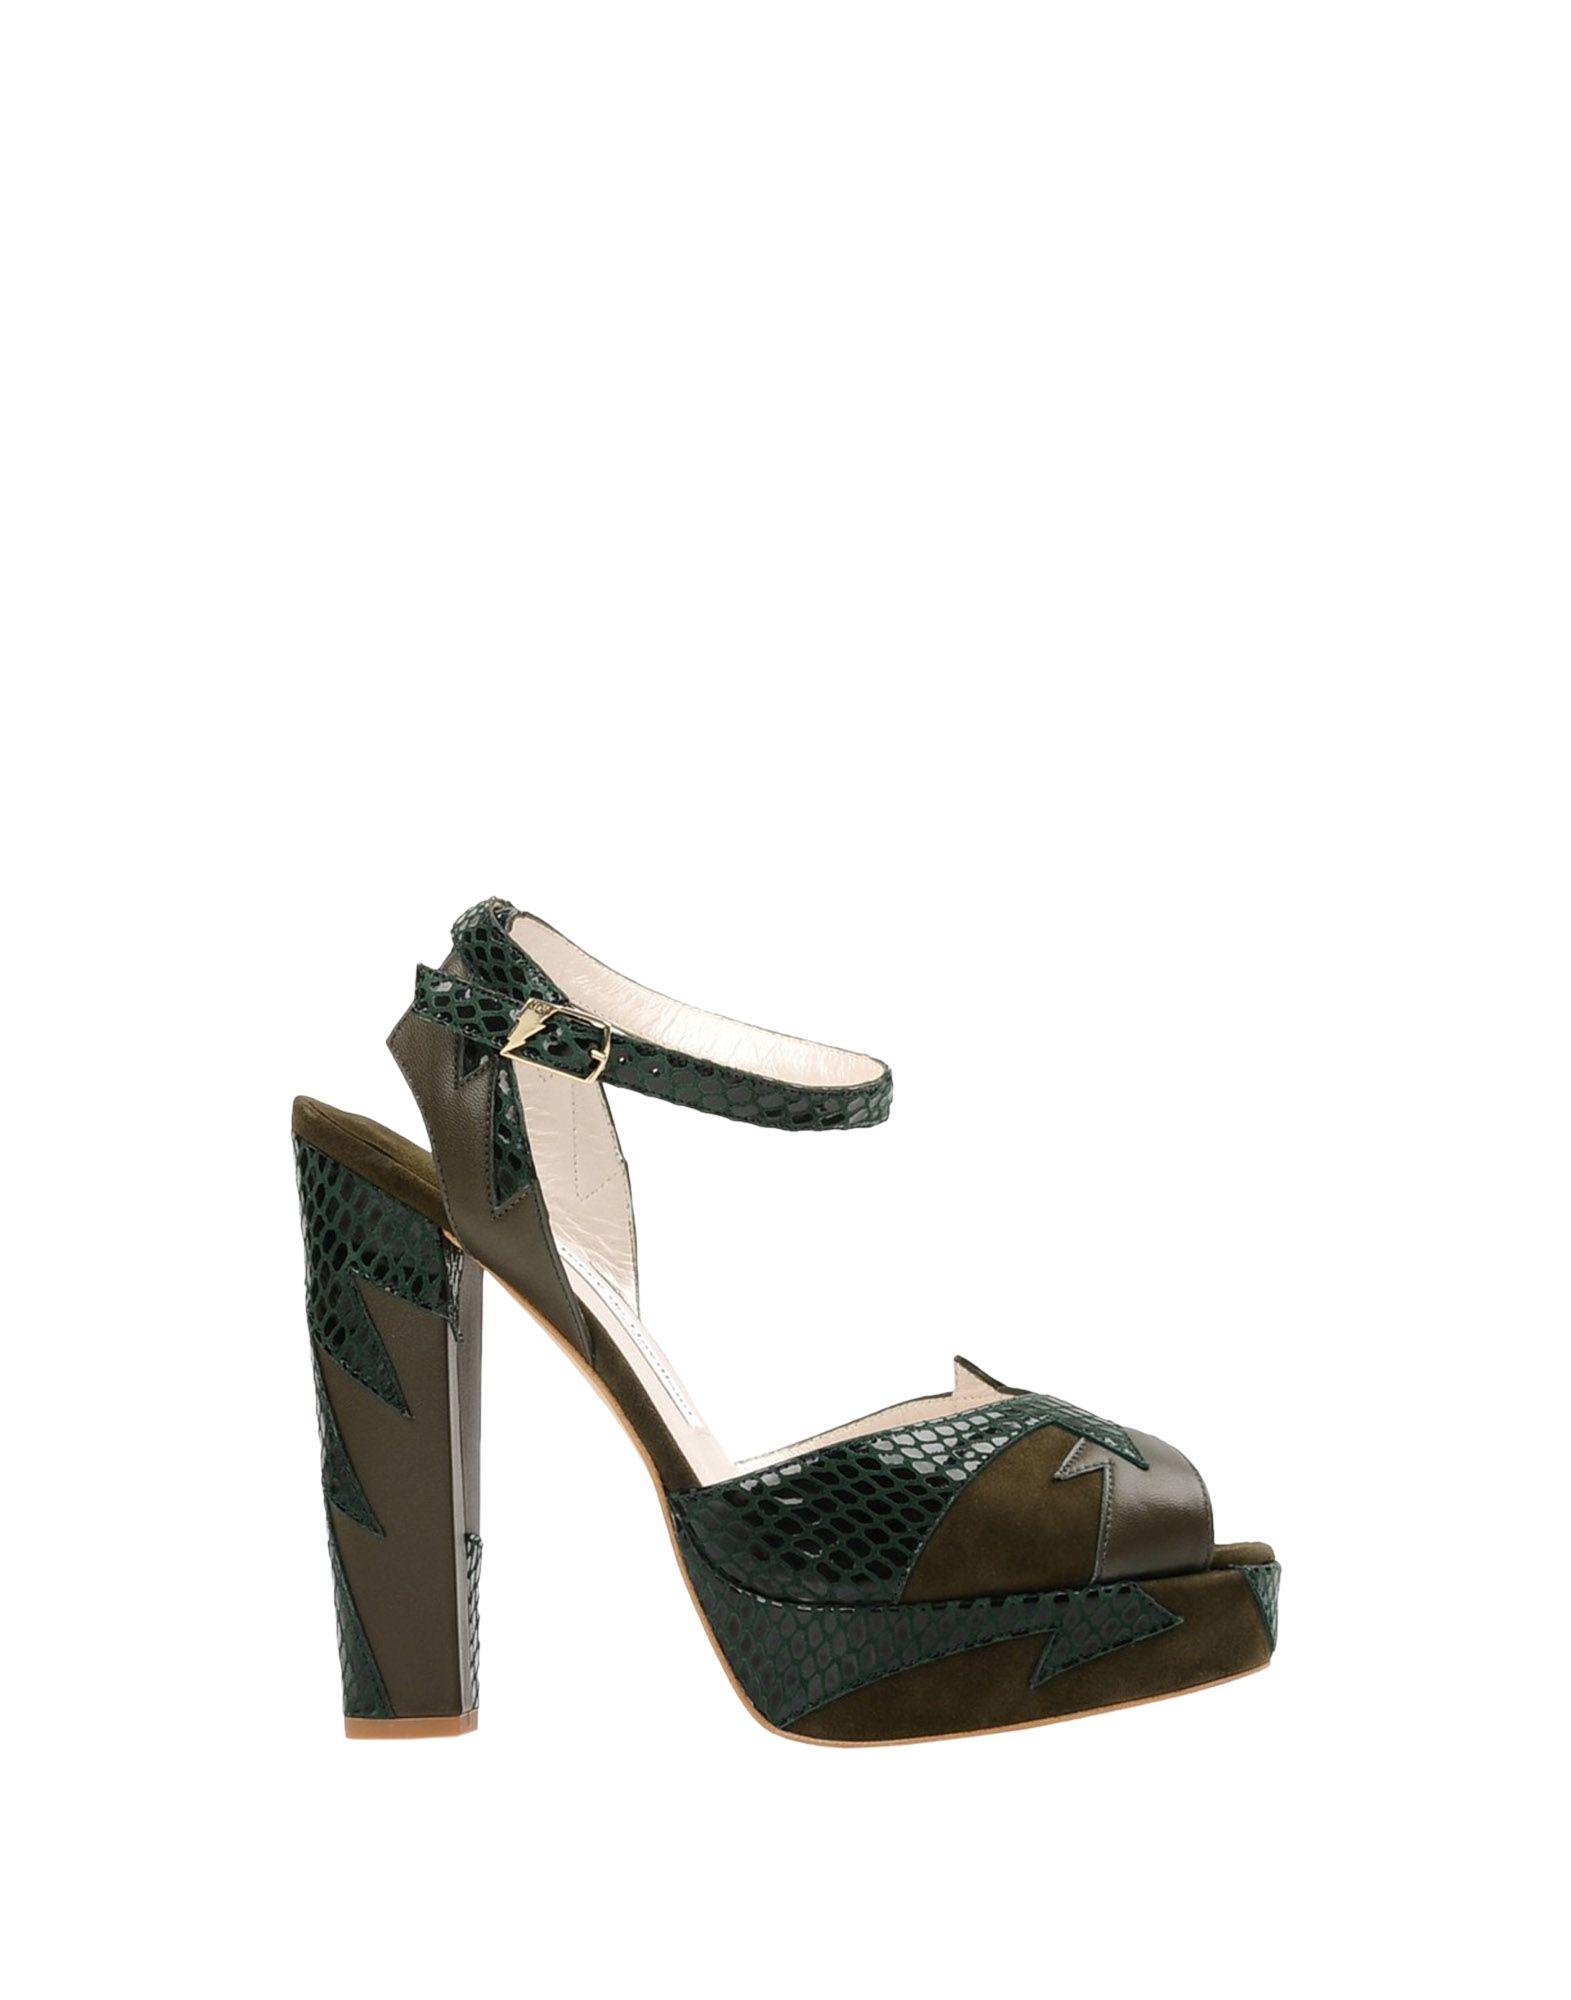 Terry De Havilland Sandalen Damen Schuhe  11362718JR Neue Schuhe Damen d4b4da